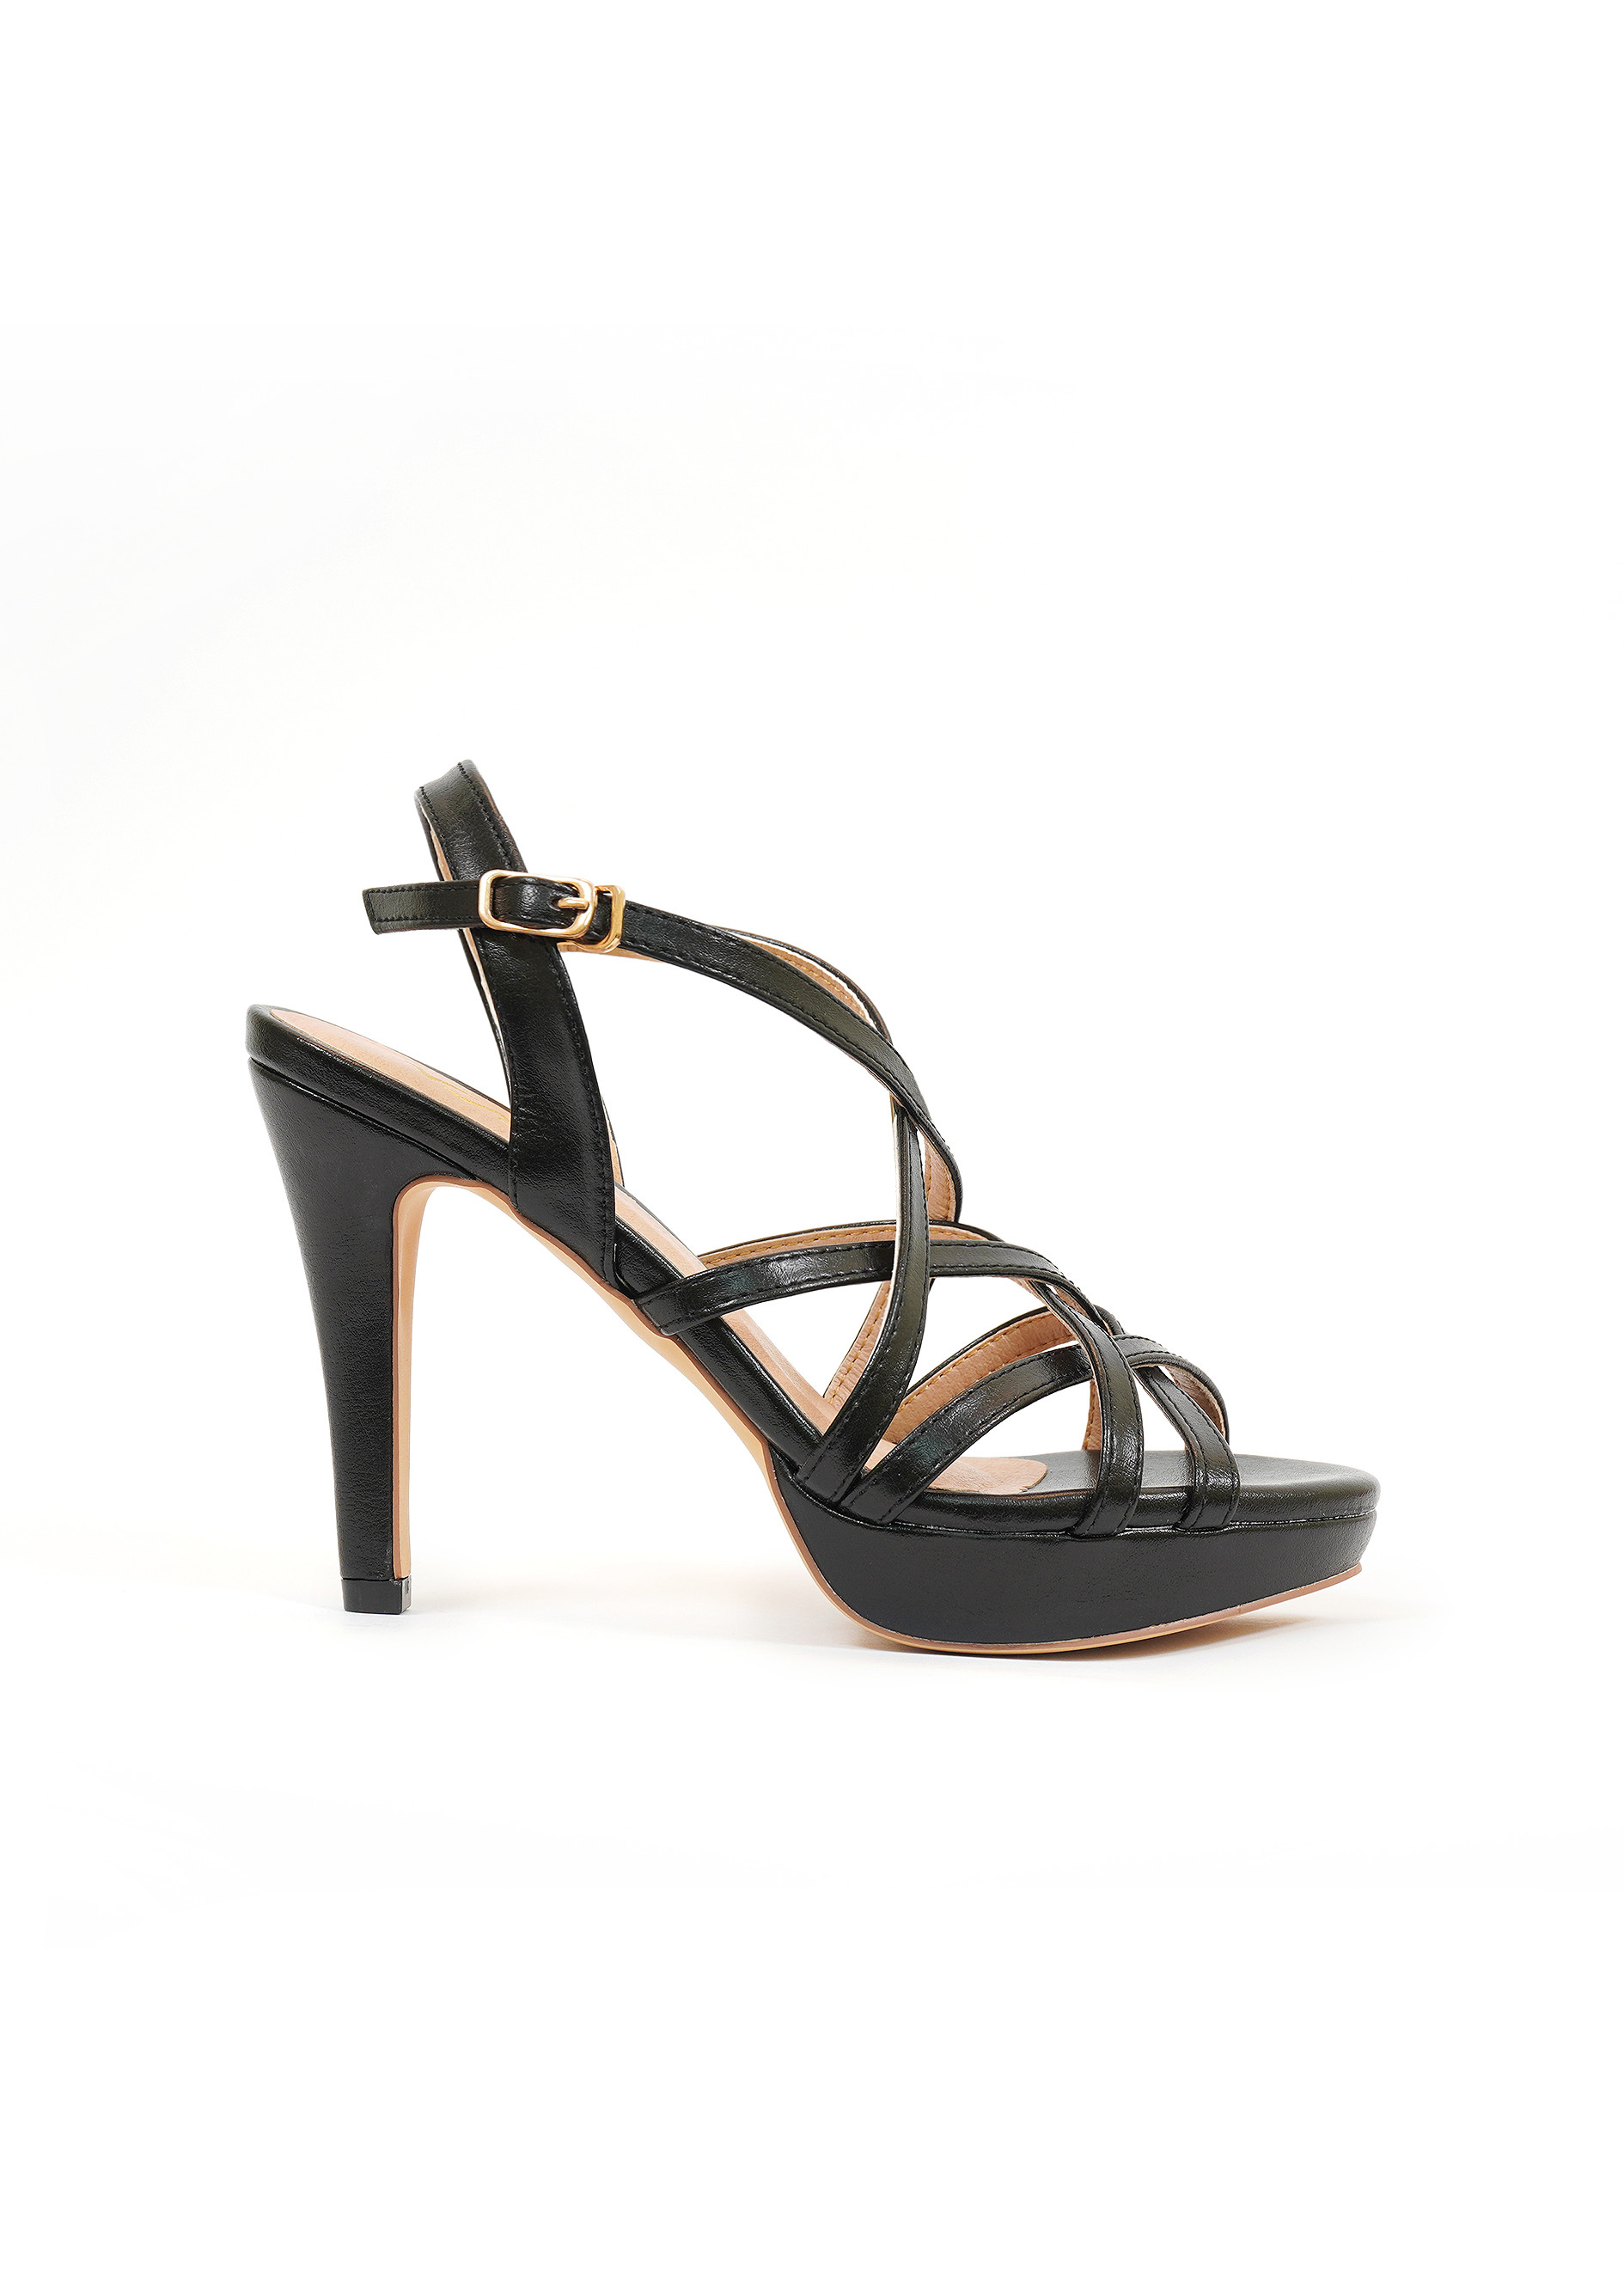 Giày sandal nữ cao gót, cao 10CM, da Microfiber nhập khẩu cao cấp êm ái,quai đan. Mũi tròn, gót nhọn bọc da đồng màu sang trọng và chắc chắn,trợ đế 2cm phía trước: SD.V09.10F